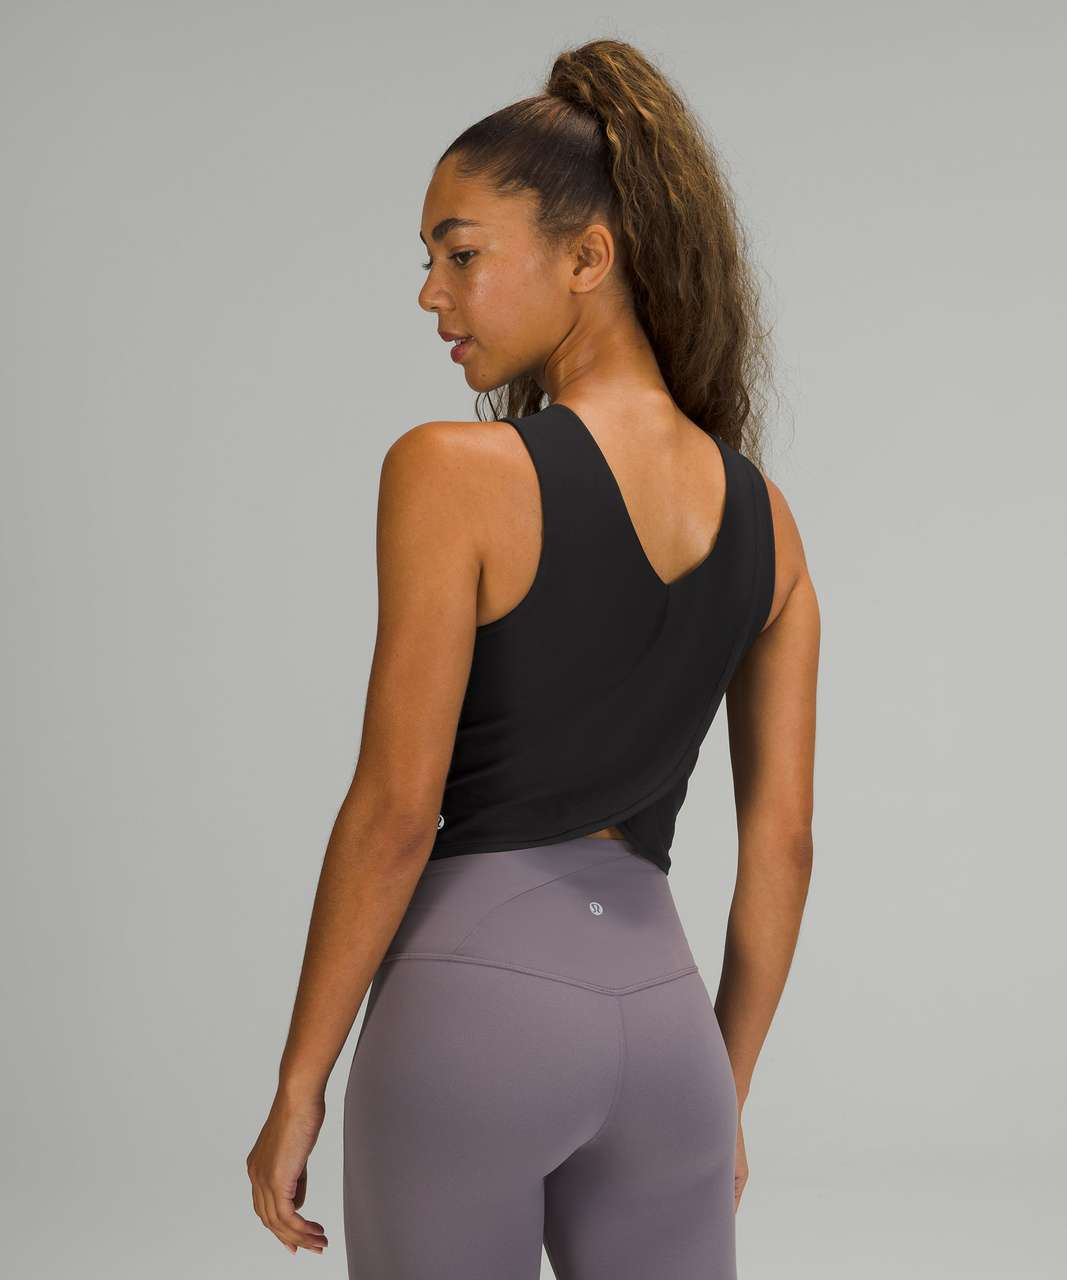 Lululemon Nulu Twist-Back Yoga Tank Top - Black